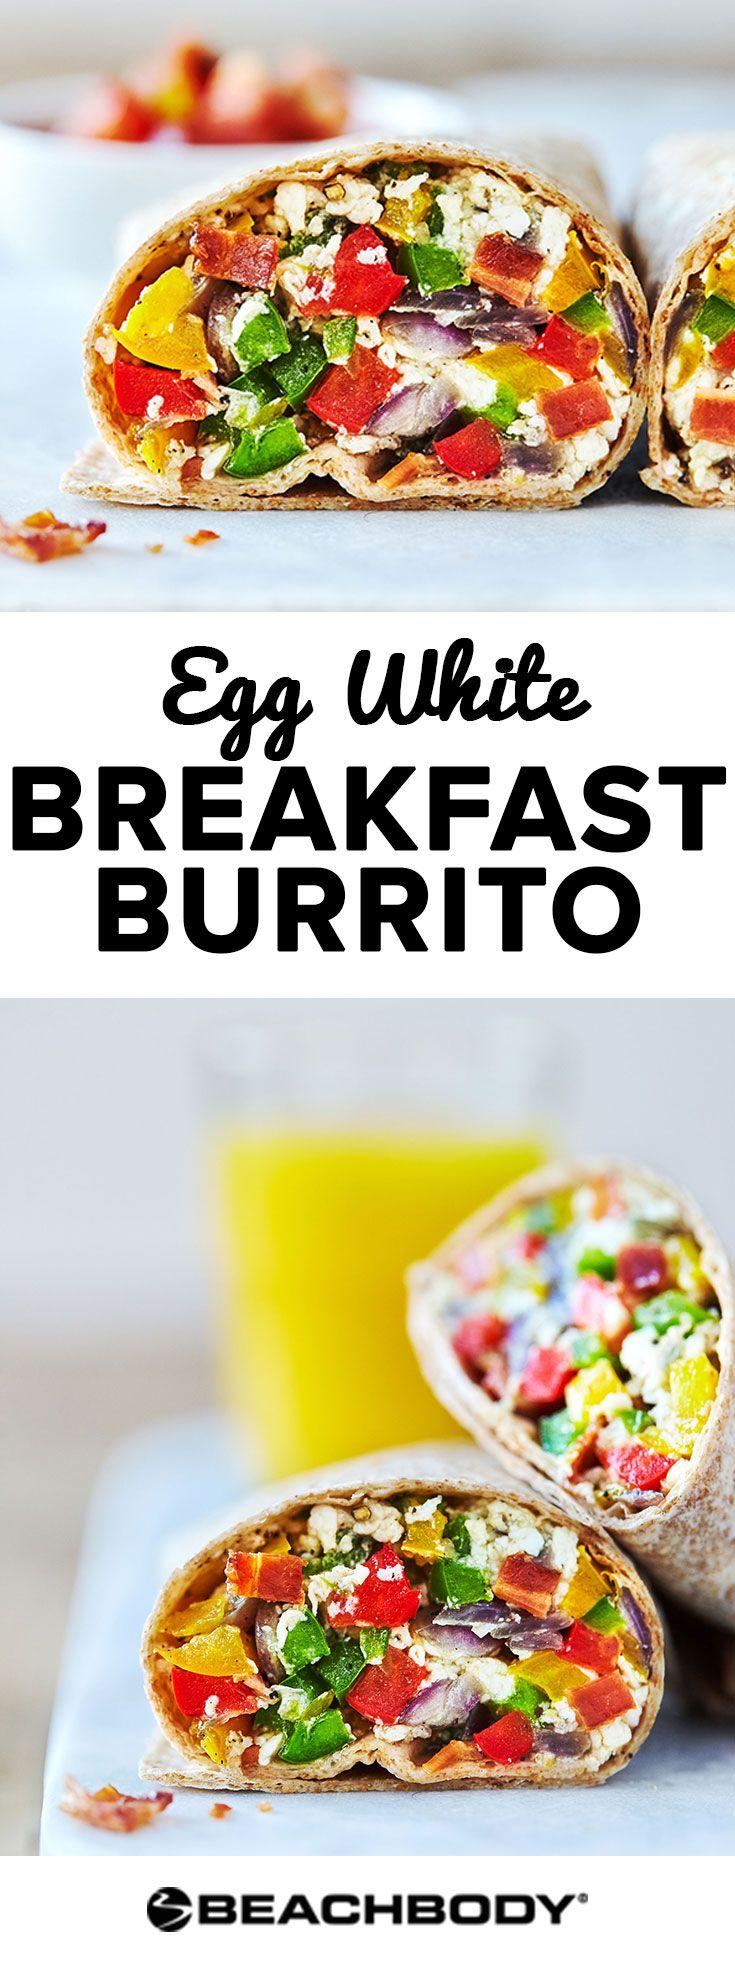 Egg White Breakfast Burrito